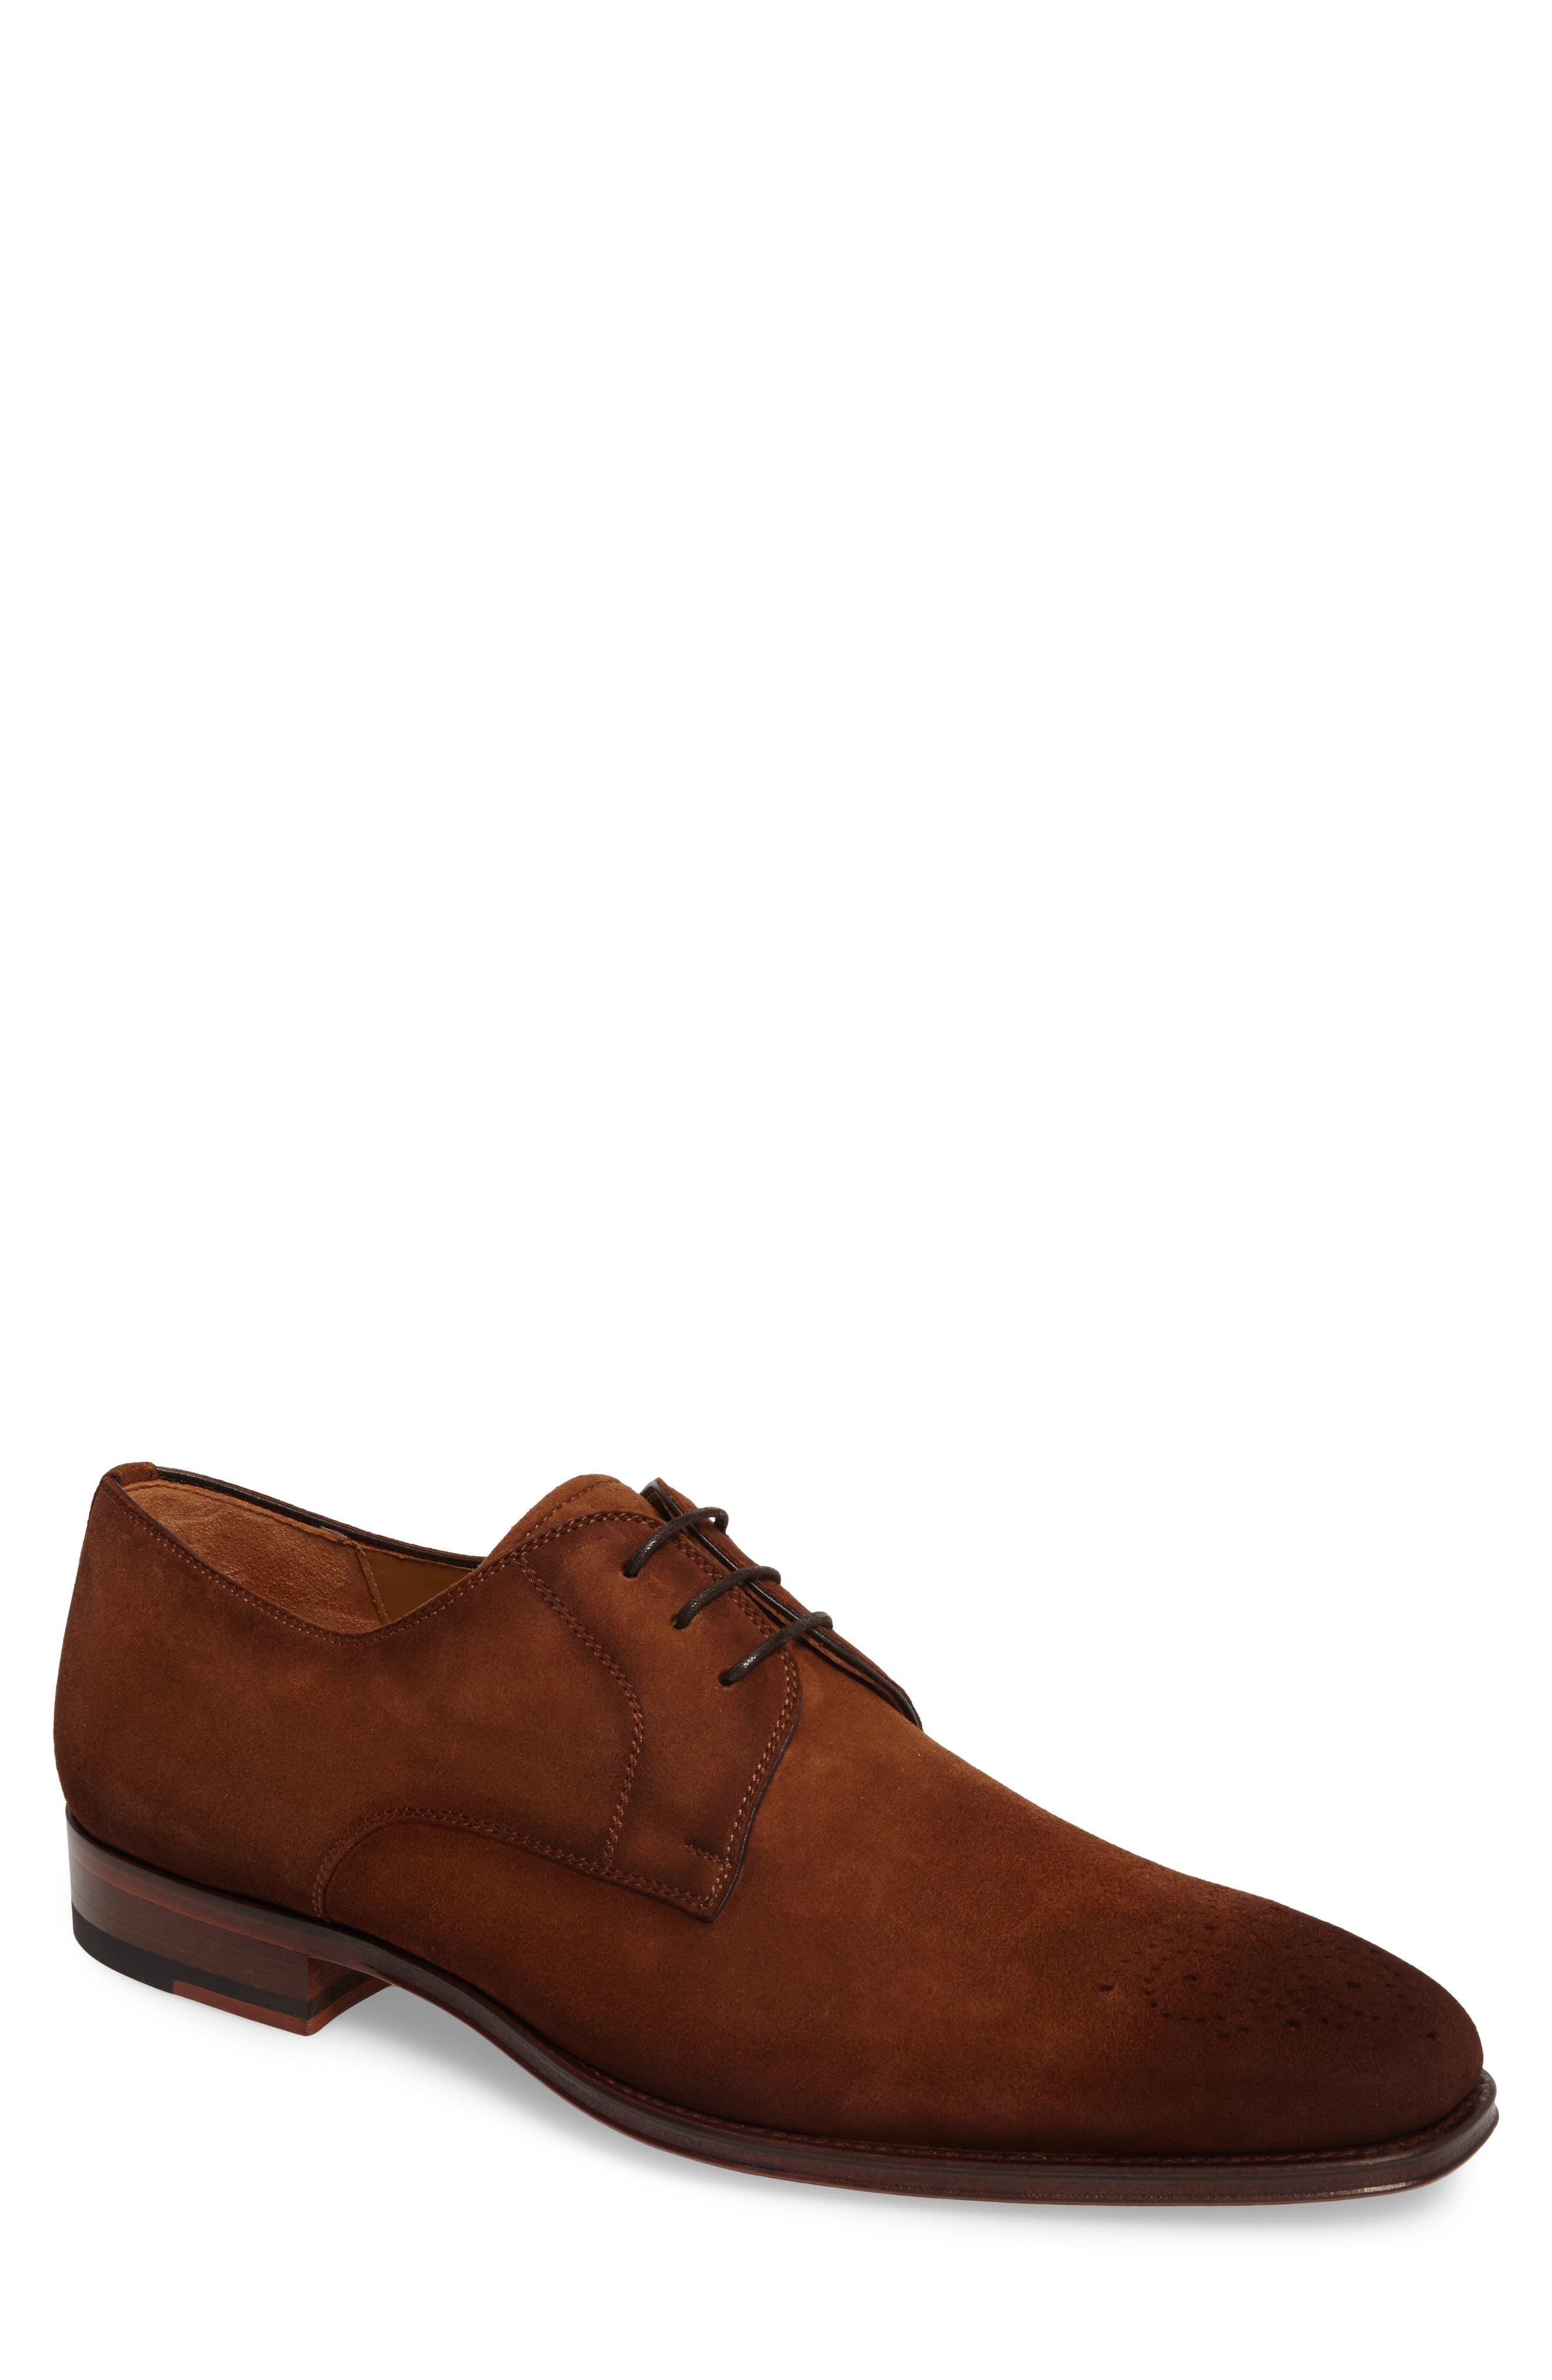 Ezekiel Plain Toe Derby,                         Main,                         color, COGNAC LEATHER